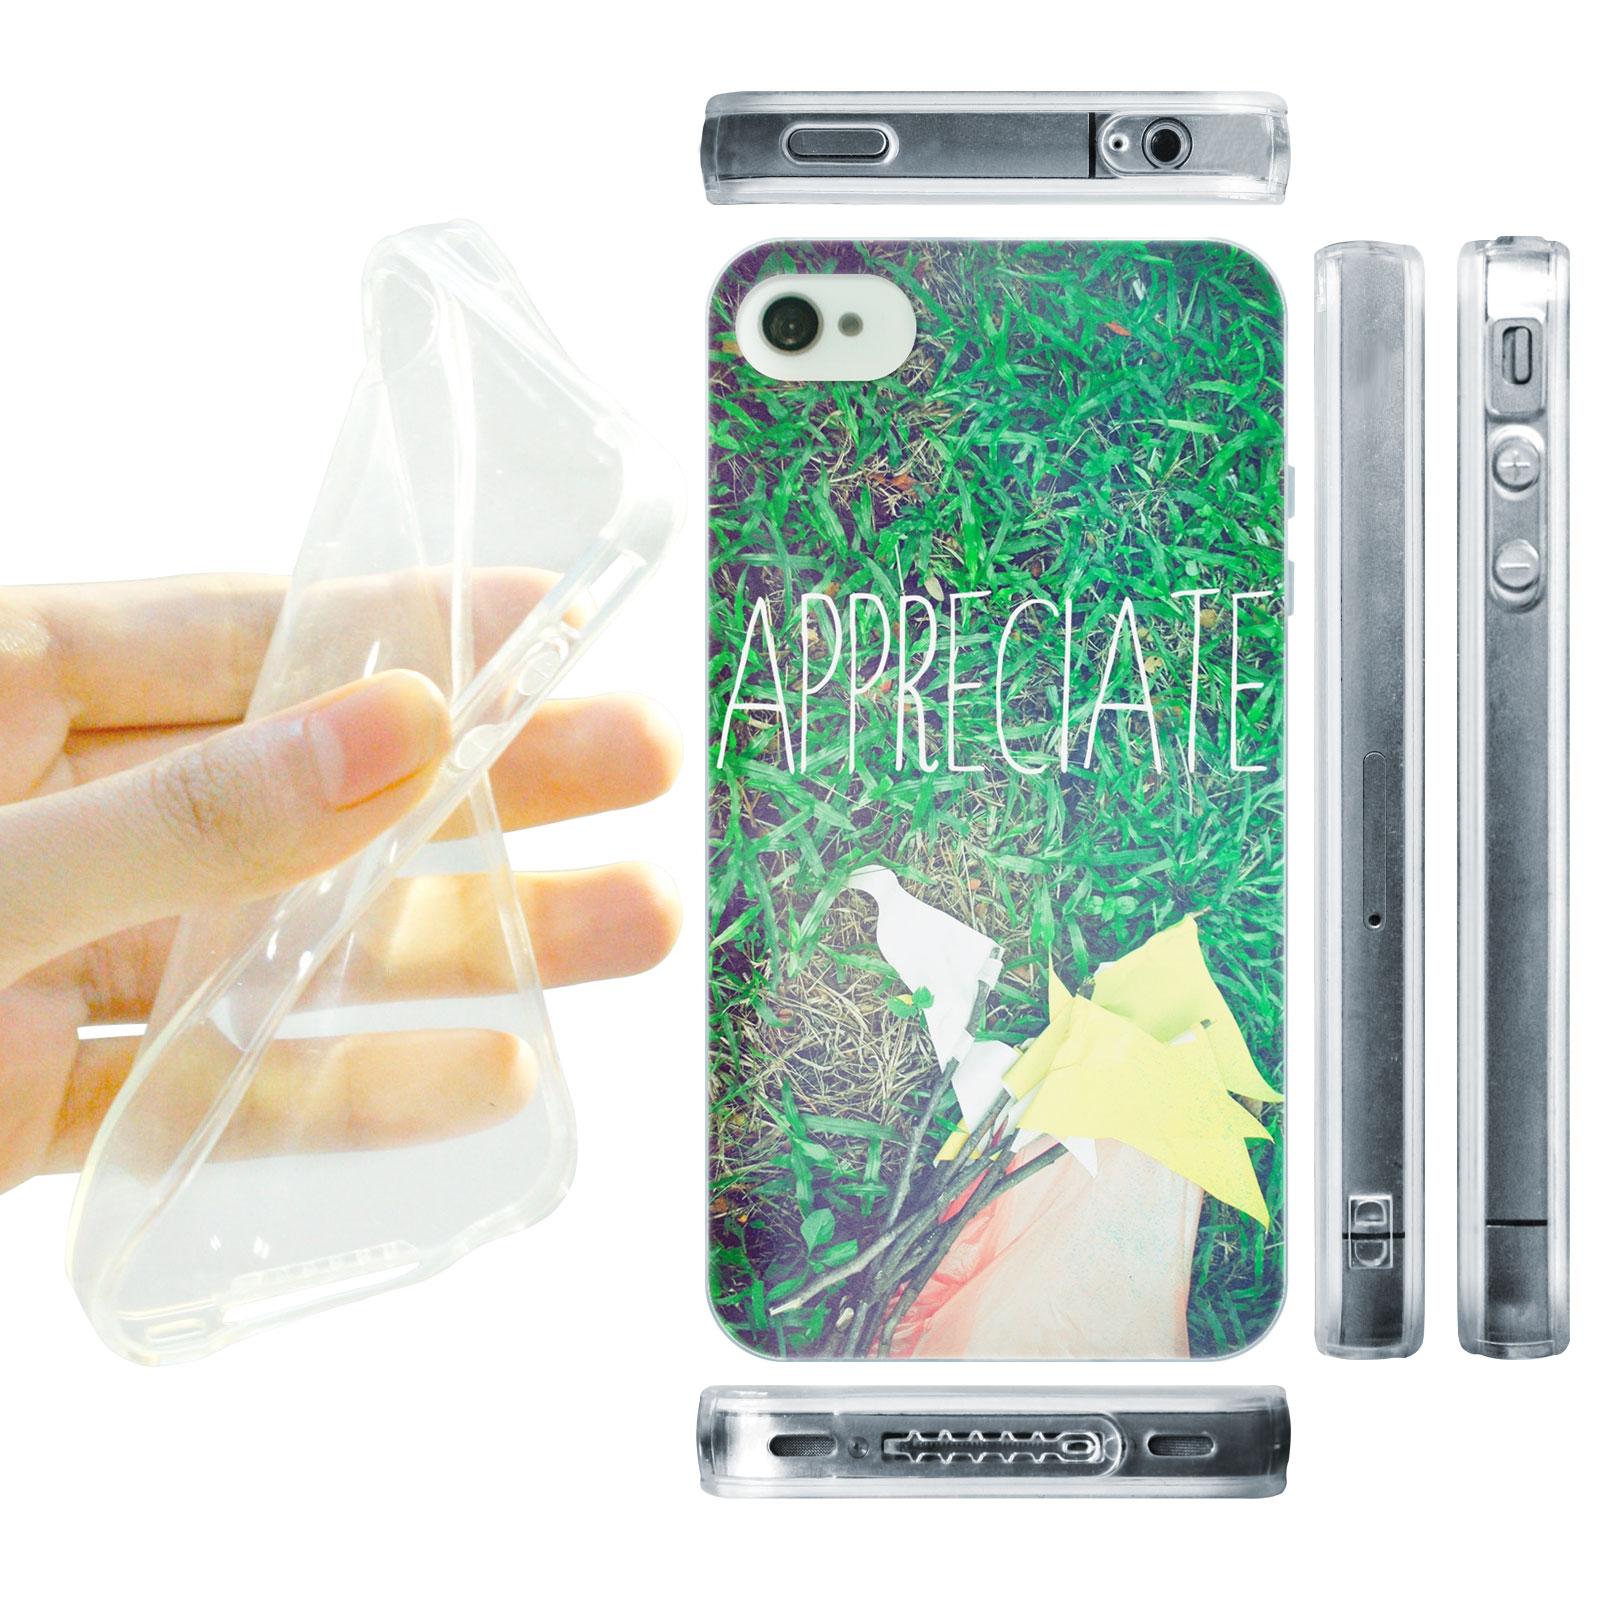 HEAD CASE silikonový obal na mobil Iphone 4/4S Zelená tráva Appreciate